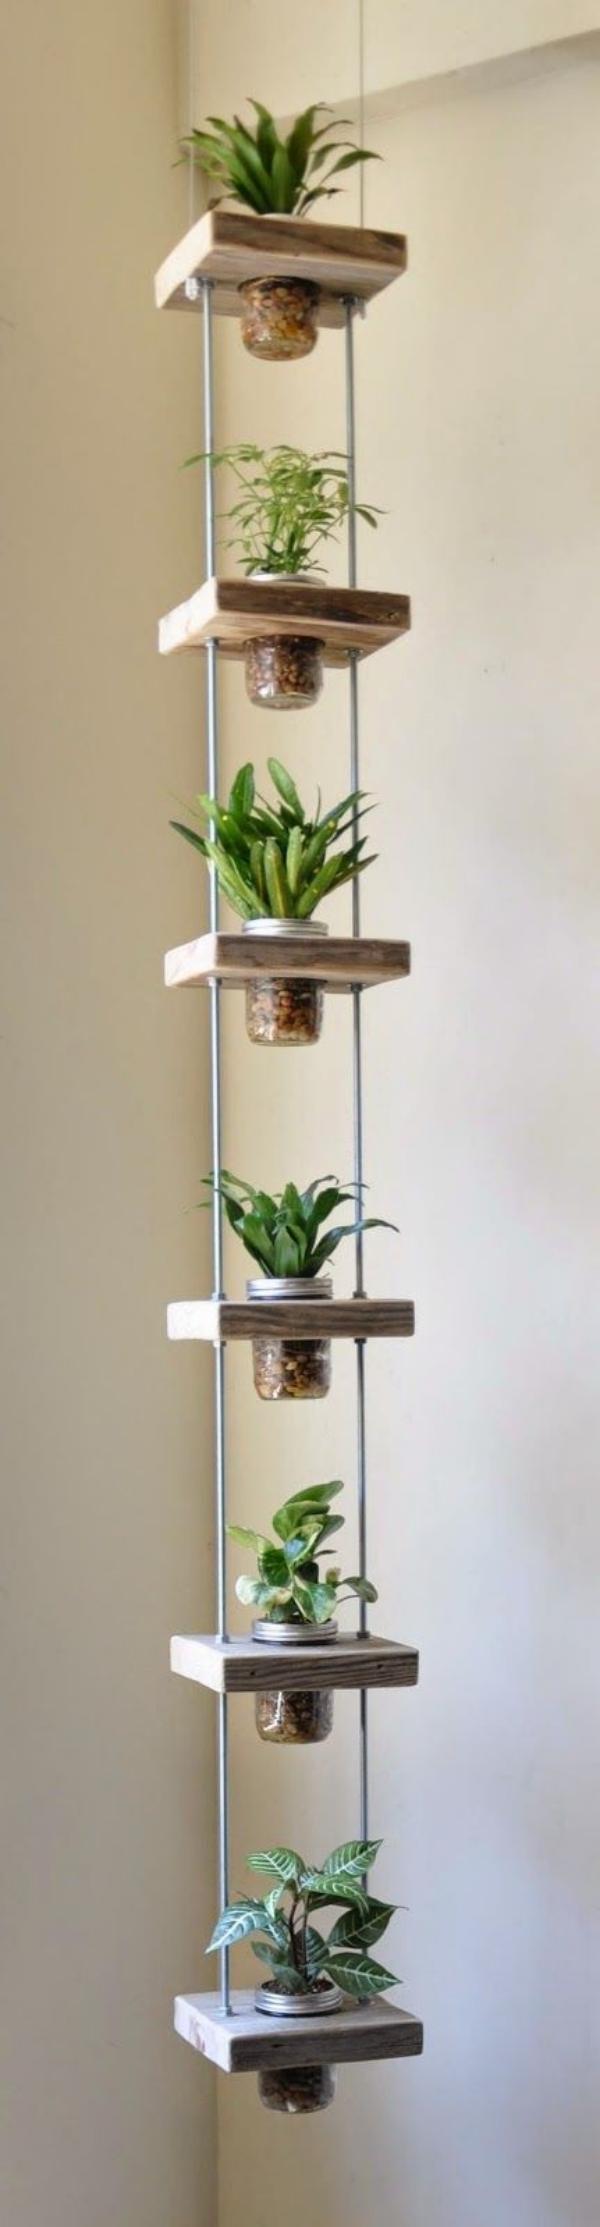 Super-Creative-Vertical-Garden-Ideas-2